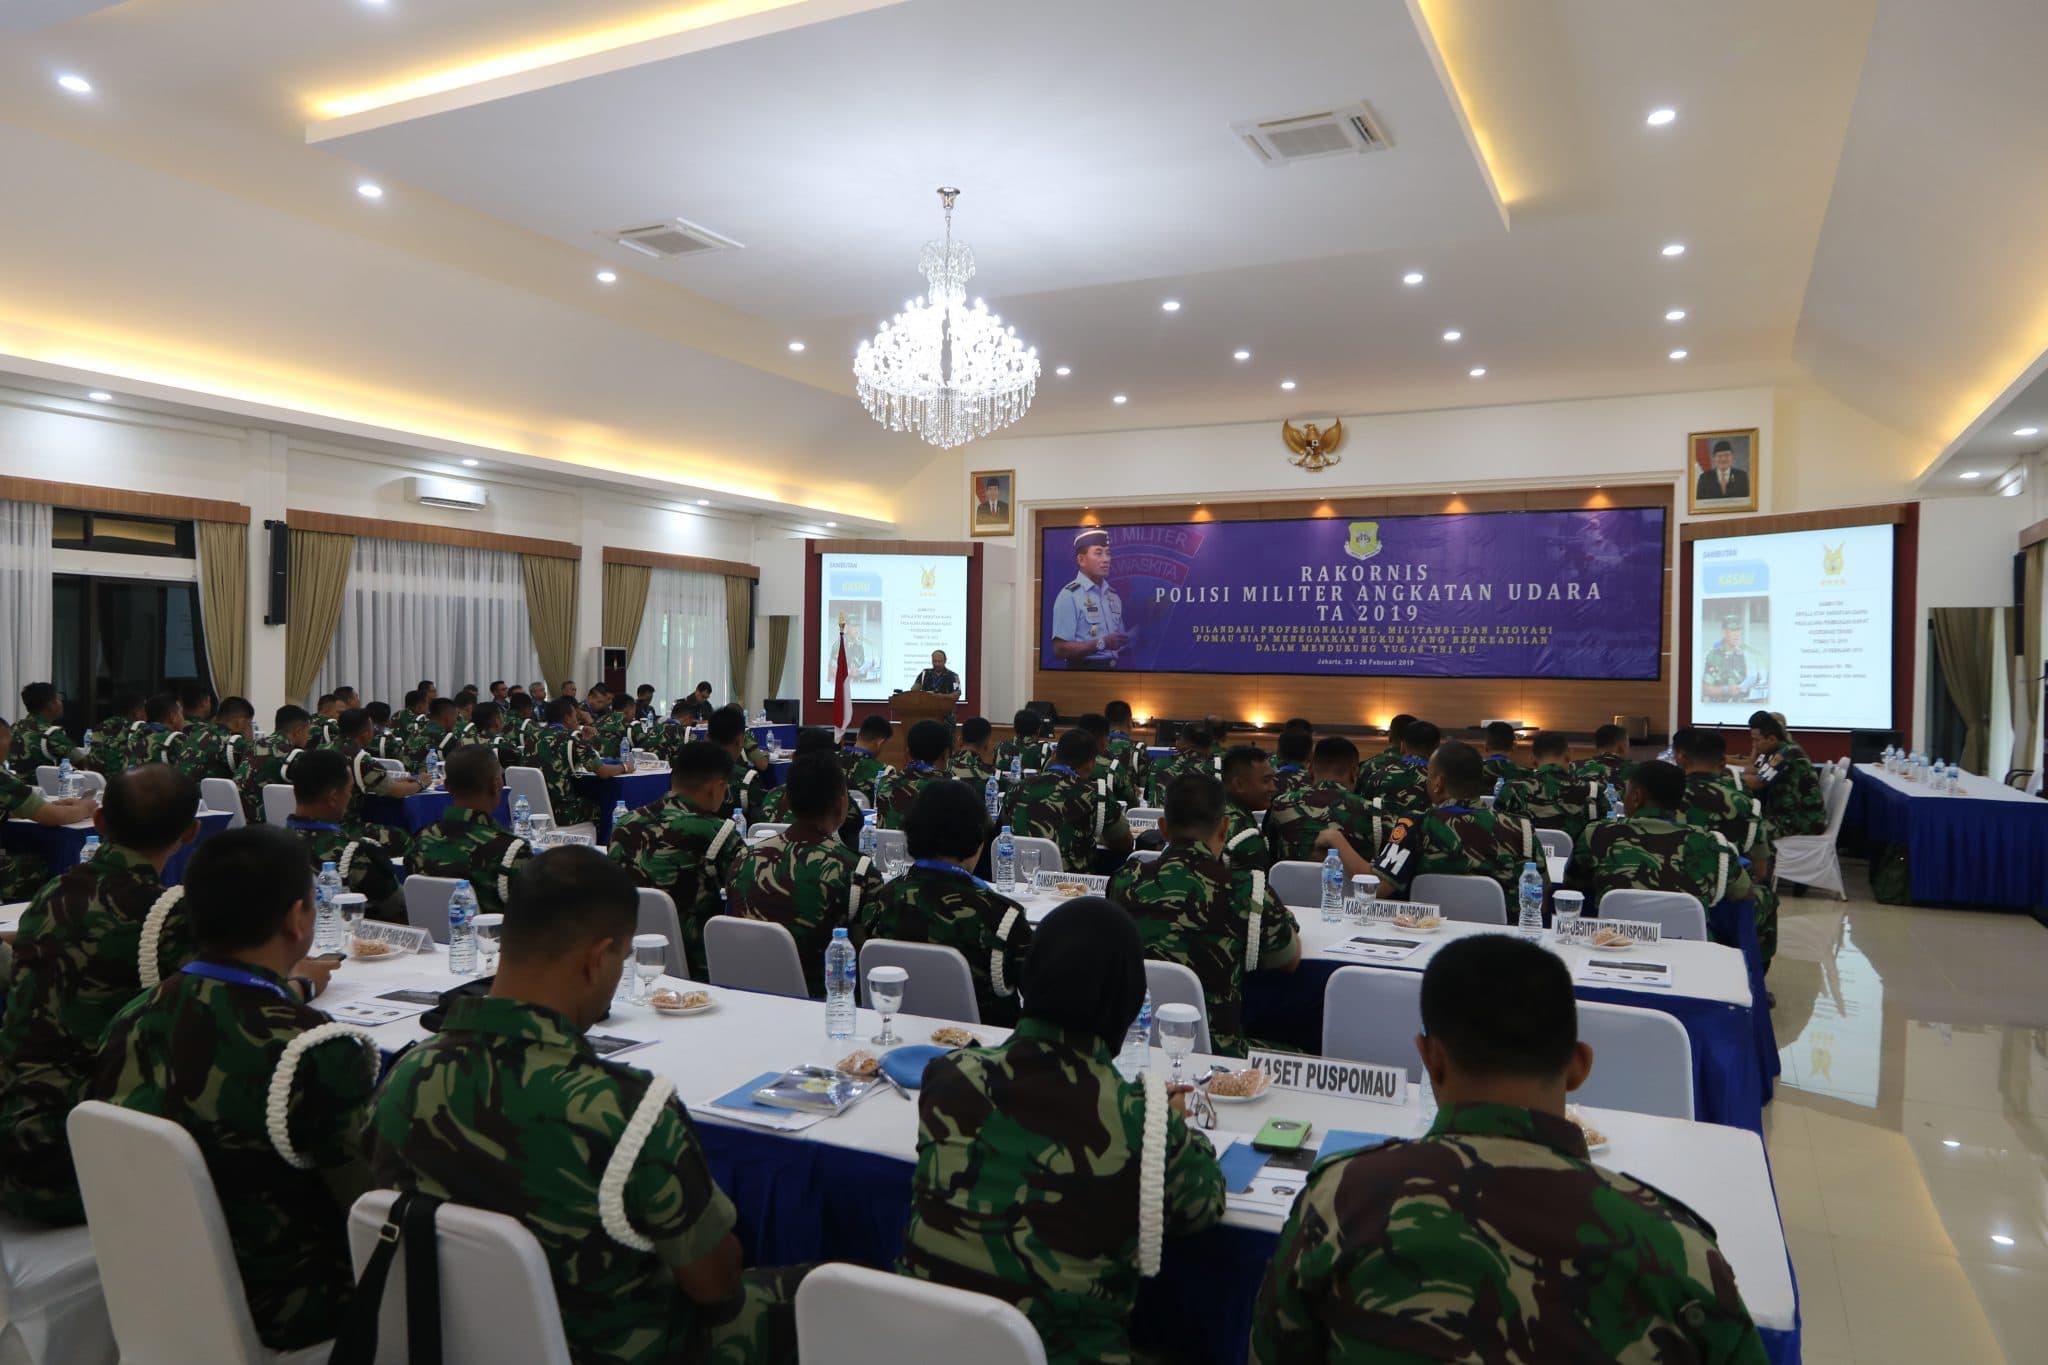 Tingkatkan Kebersamaan dan Juga Kepedulian Melalui Rakornis Pomau T.A 2019